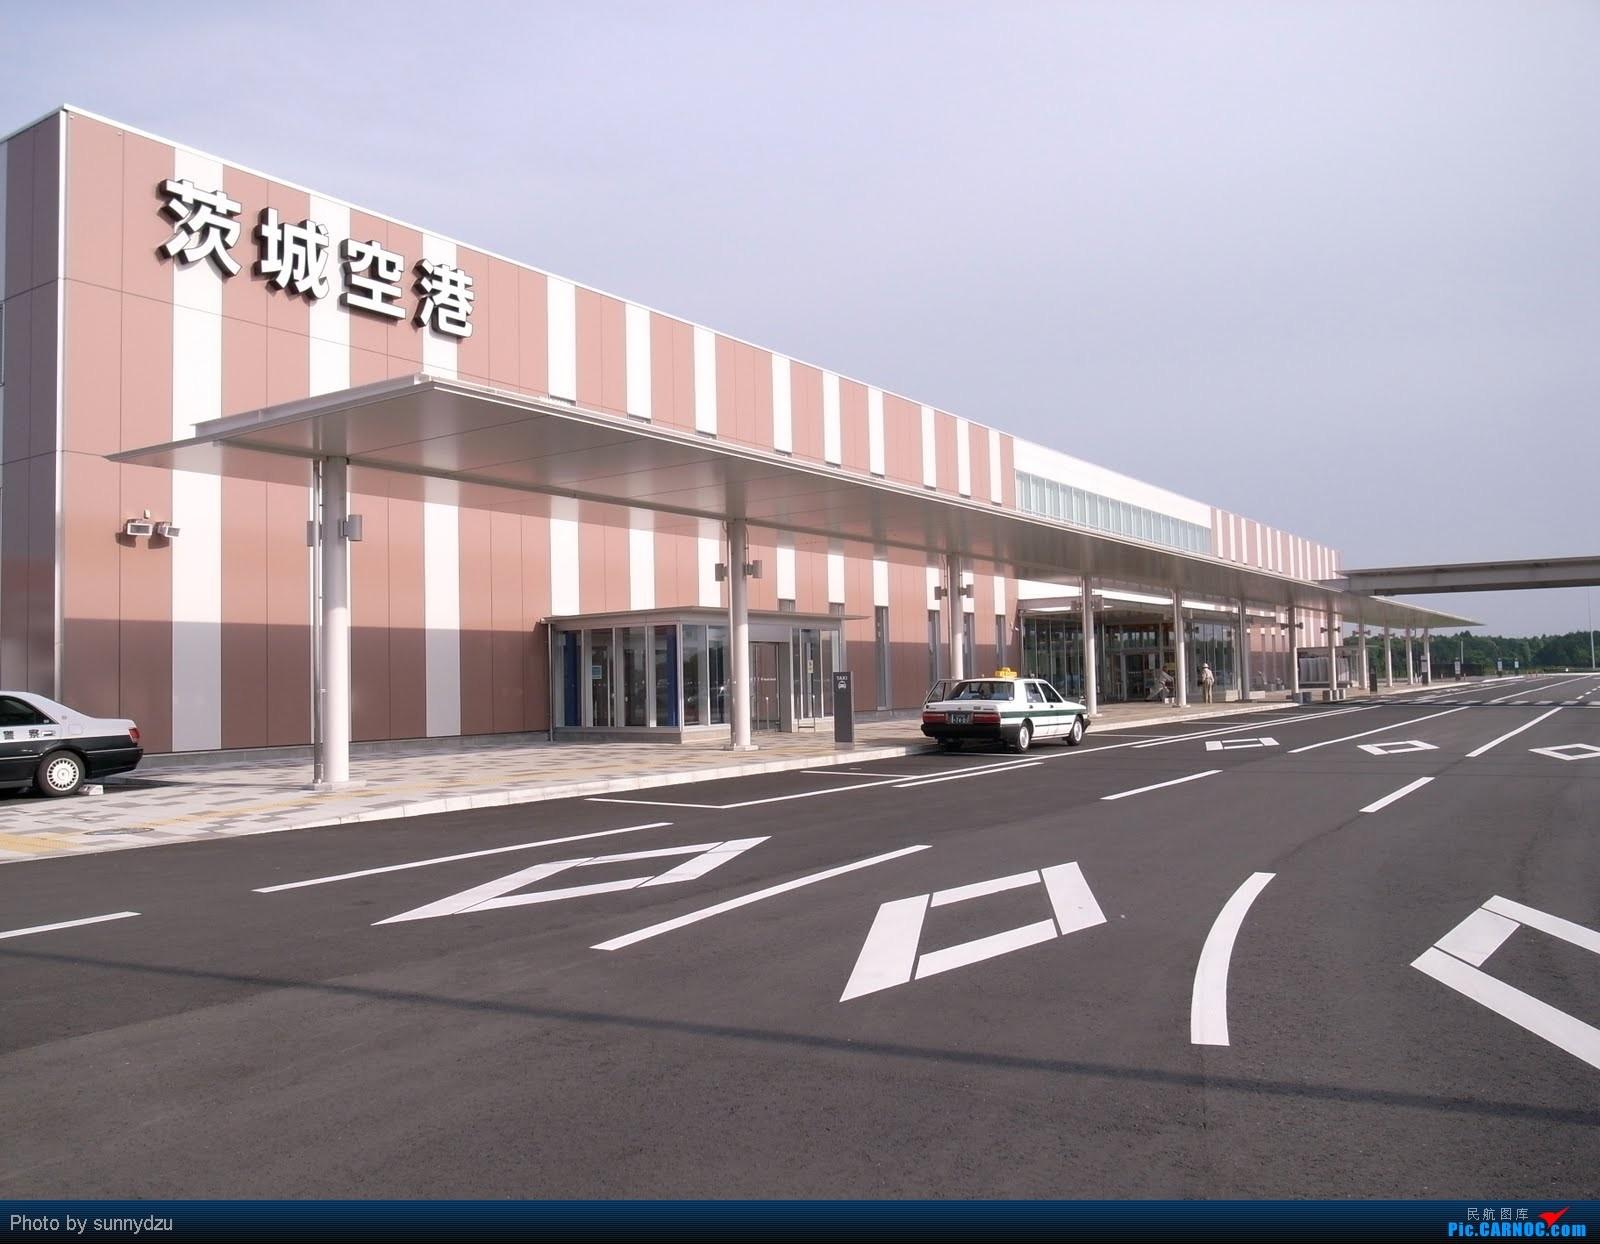 Re:送给要去茨城坐春秋的飞友,一些关于茨城空港的信息和照片